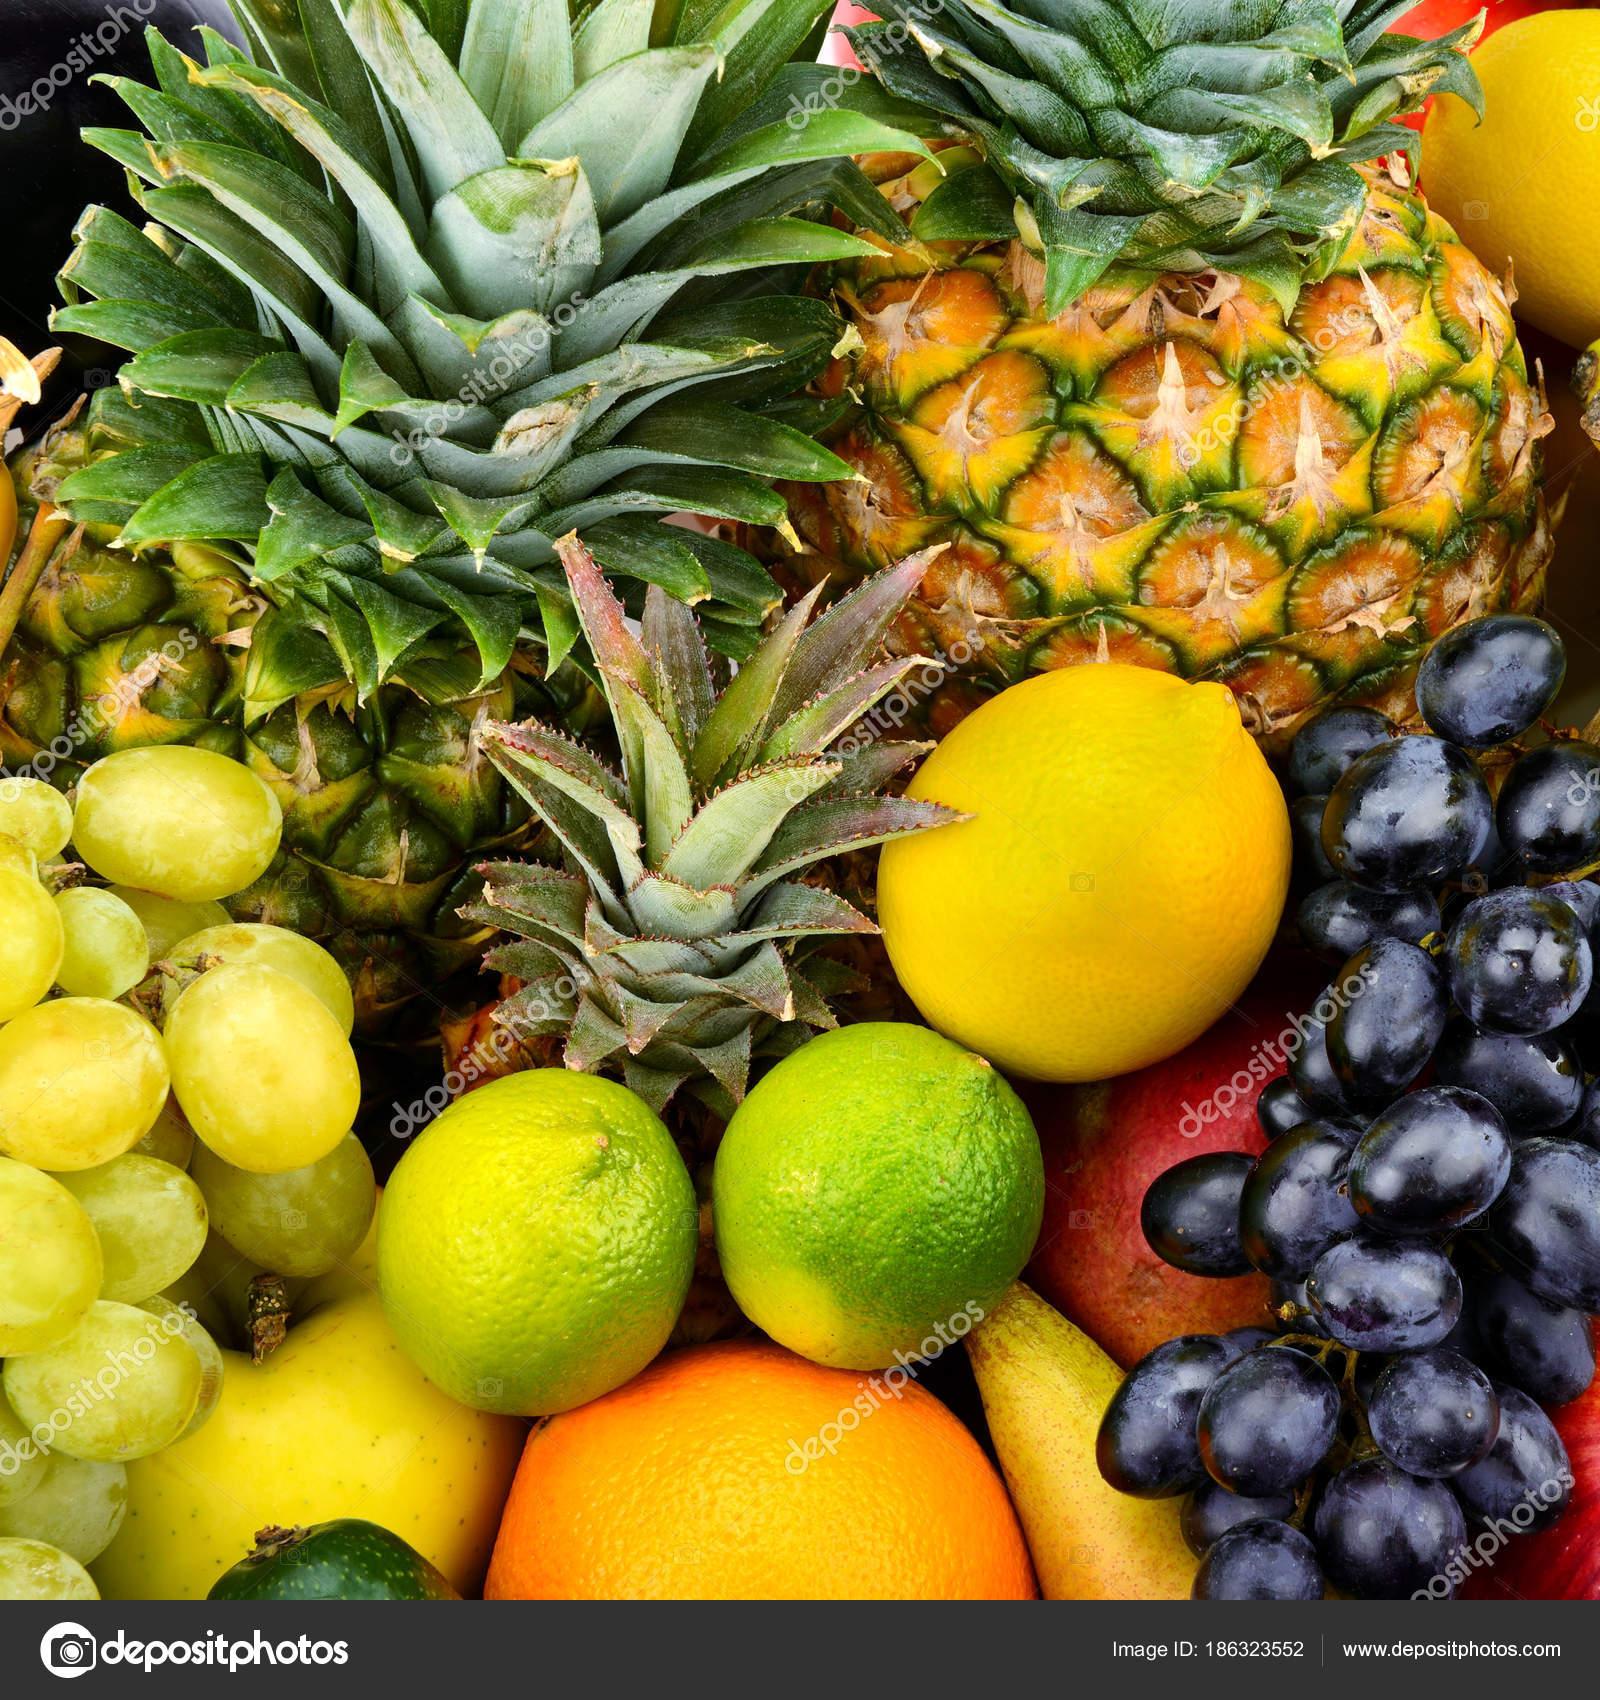 Фрукты и овощи . — Стоковое фото © Serg64 #186323552